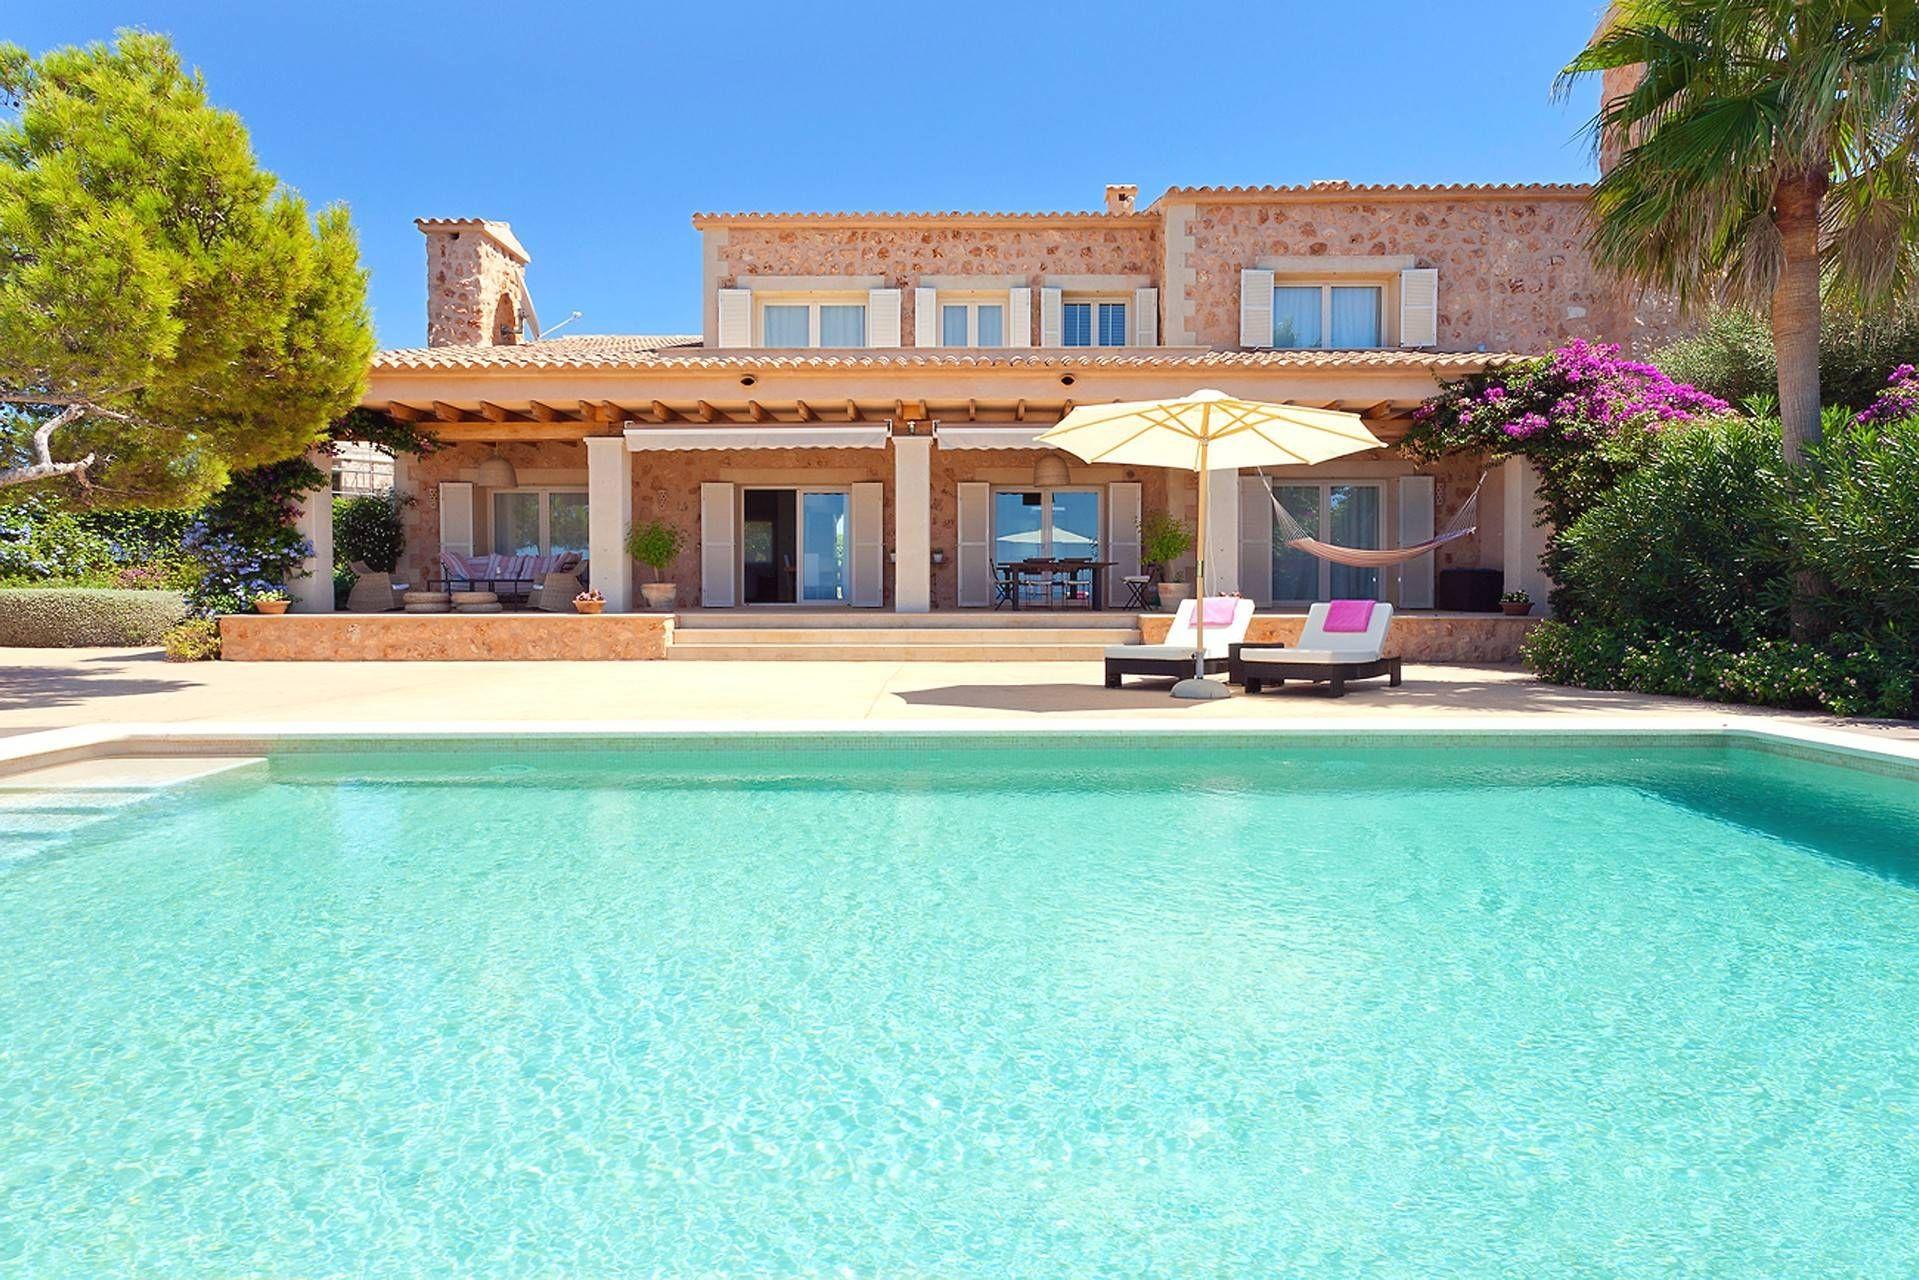 villa mieten mallorca süden (With images) House styles